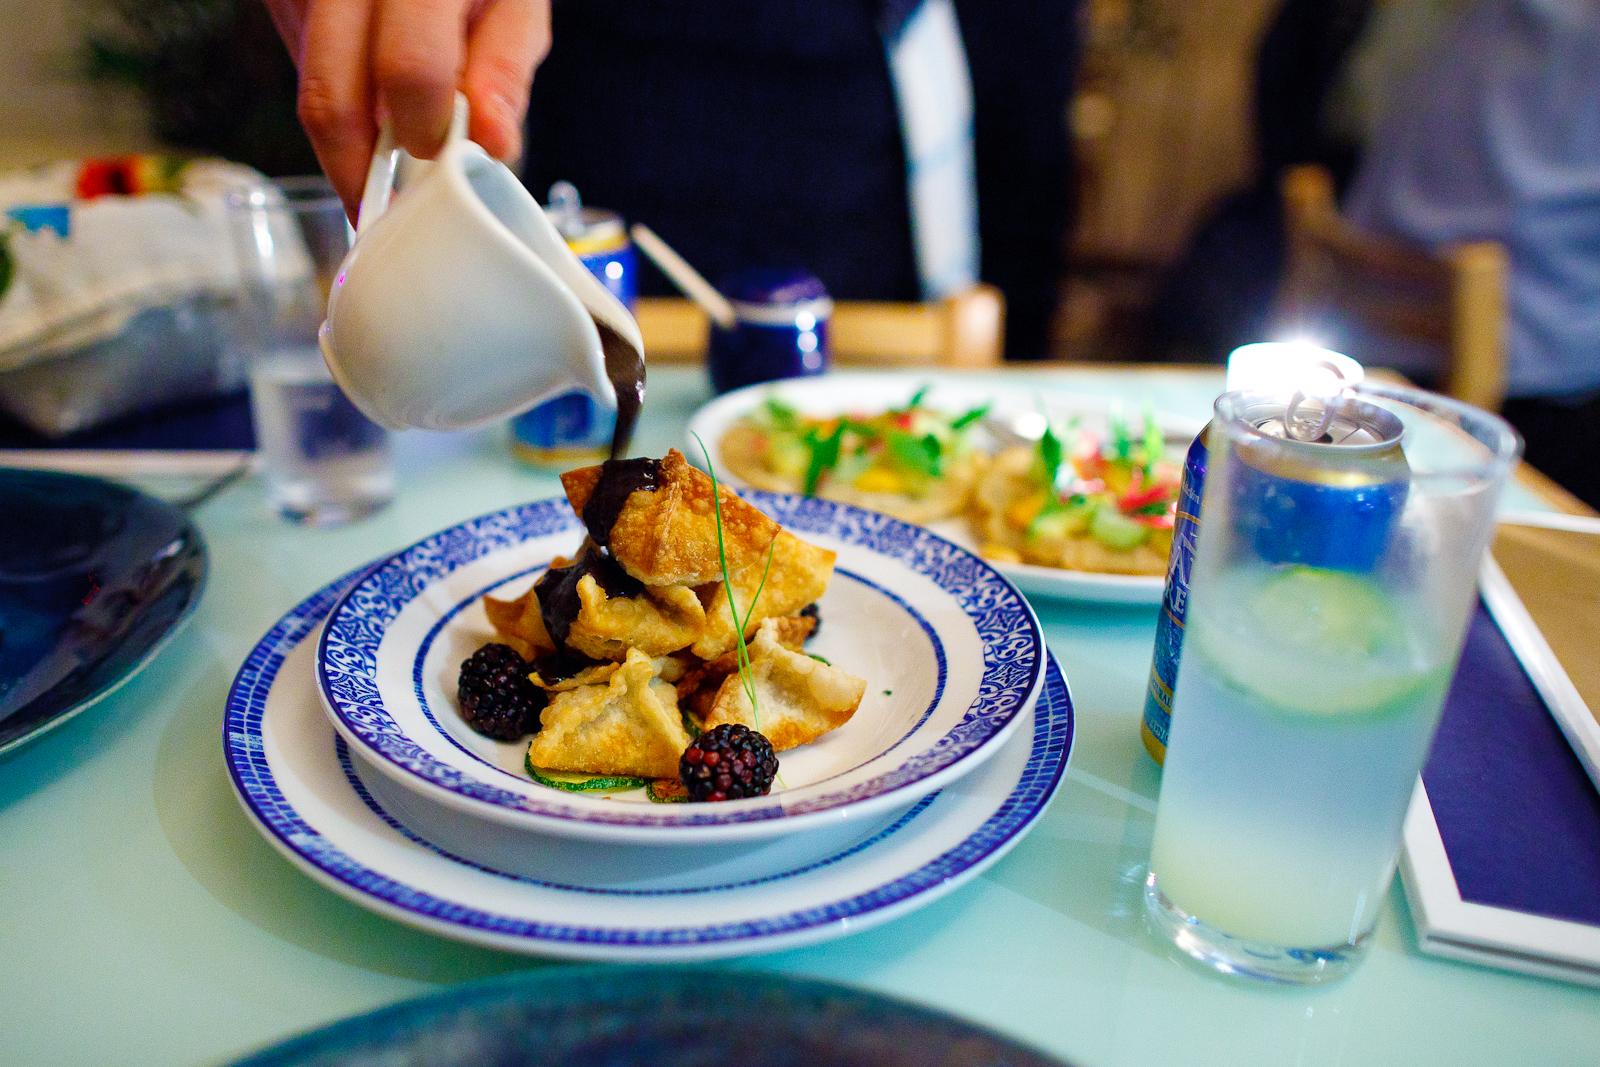 Buñuelos rellenos de pato rostizado, bañados con salsa de mole negro oaxaqueño (Mexican deep-fried dough balls filled with roasted duck, bathed in a black mole from oaxaca) (145 MXP)